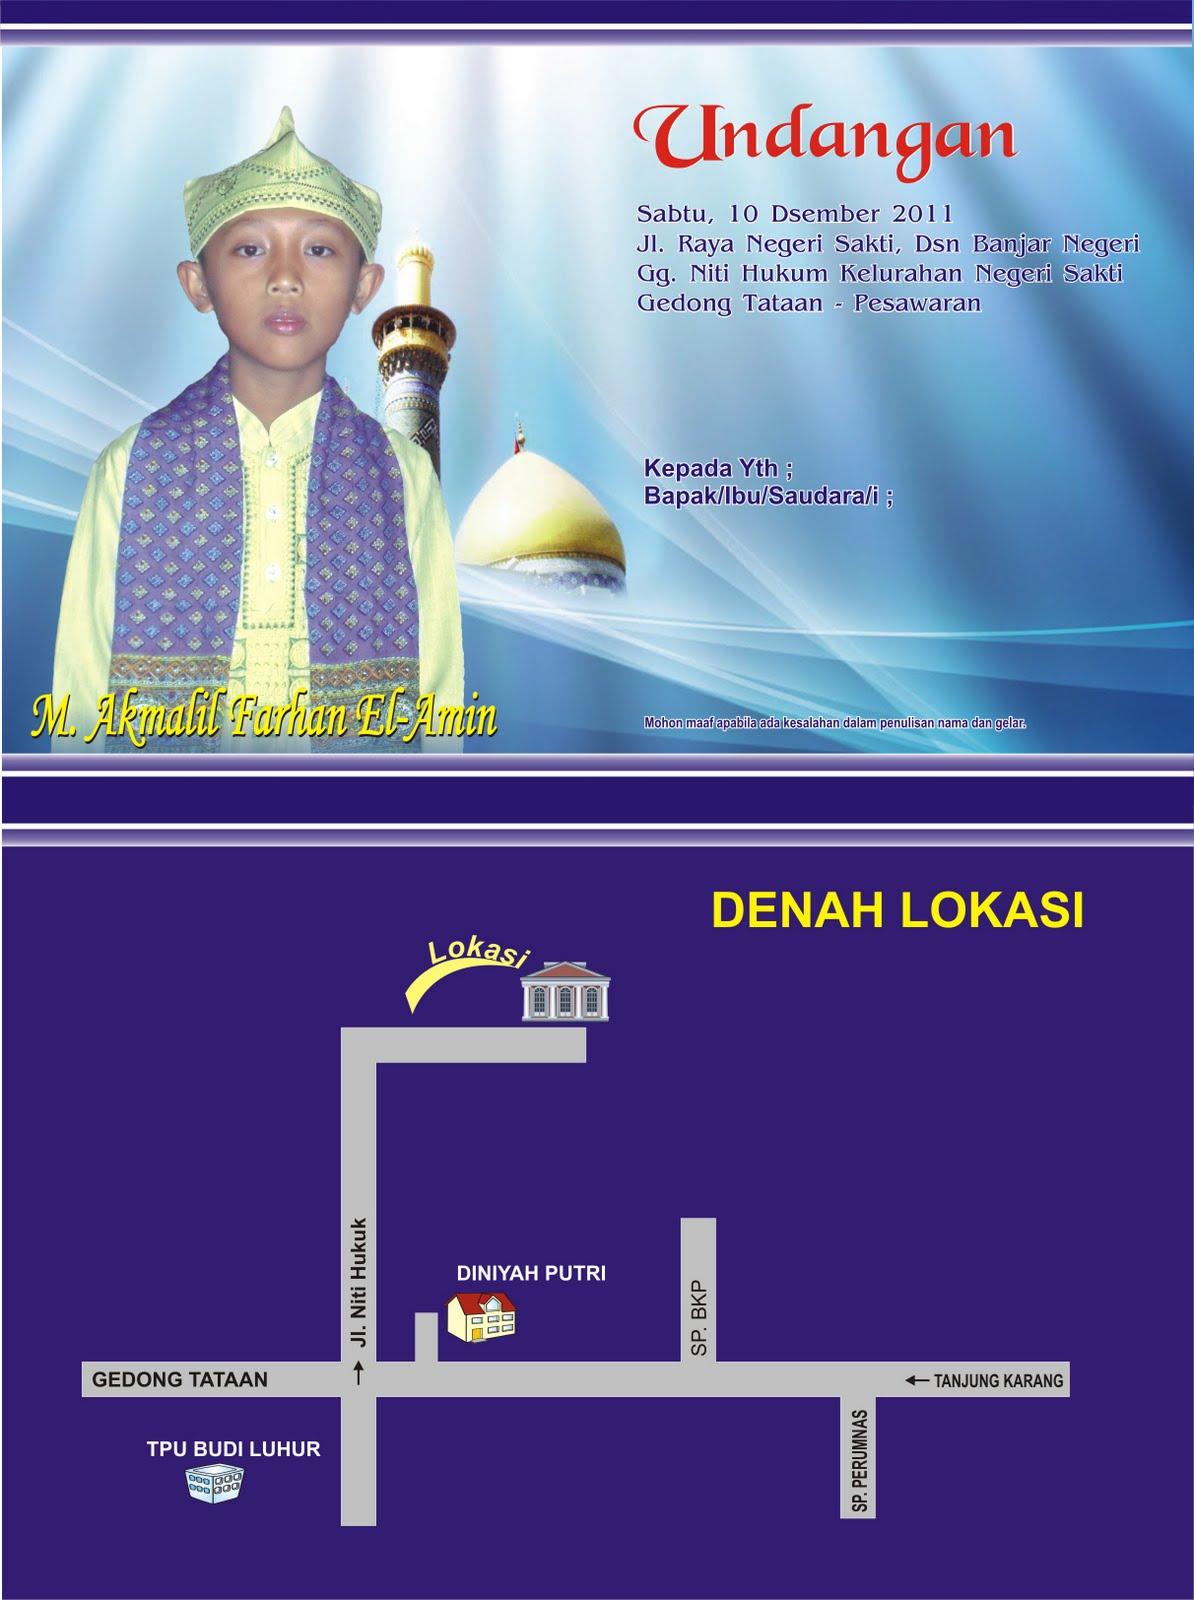 Cetak Undangan Pernikahan Khitanan Murah Dibandar Lampung Harga